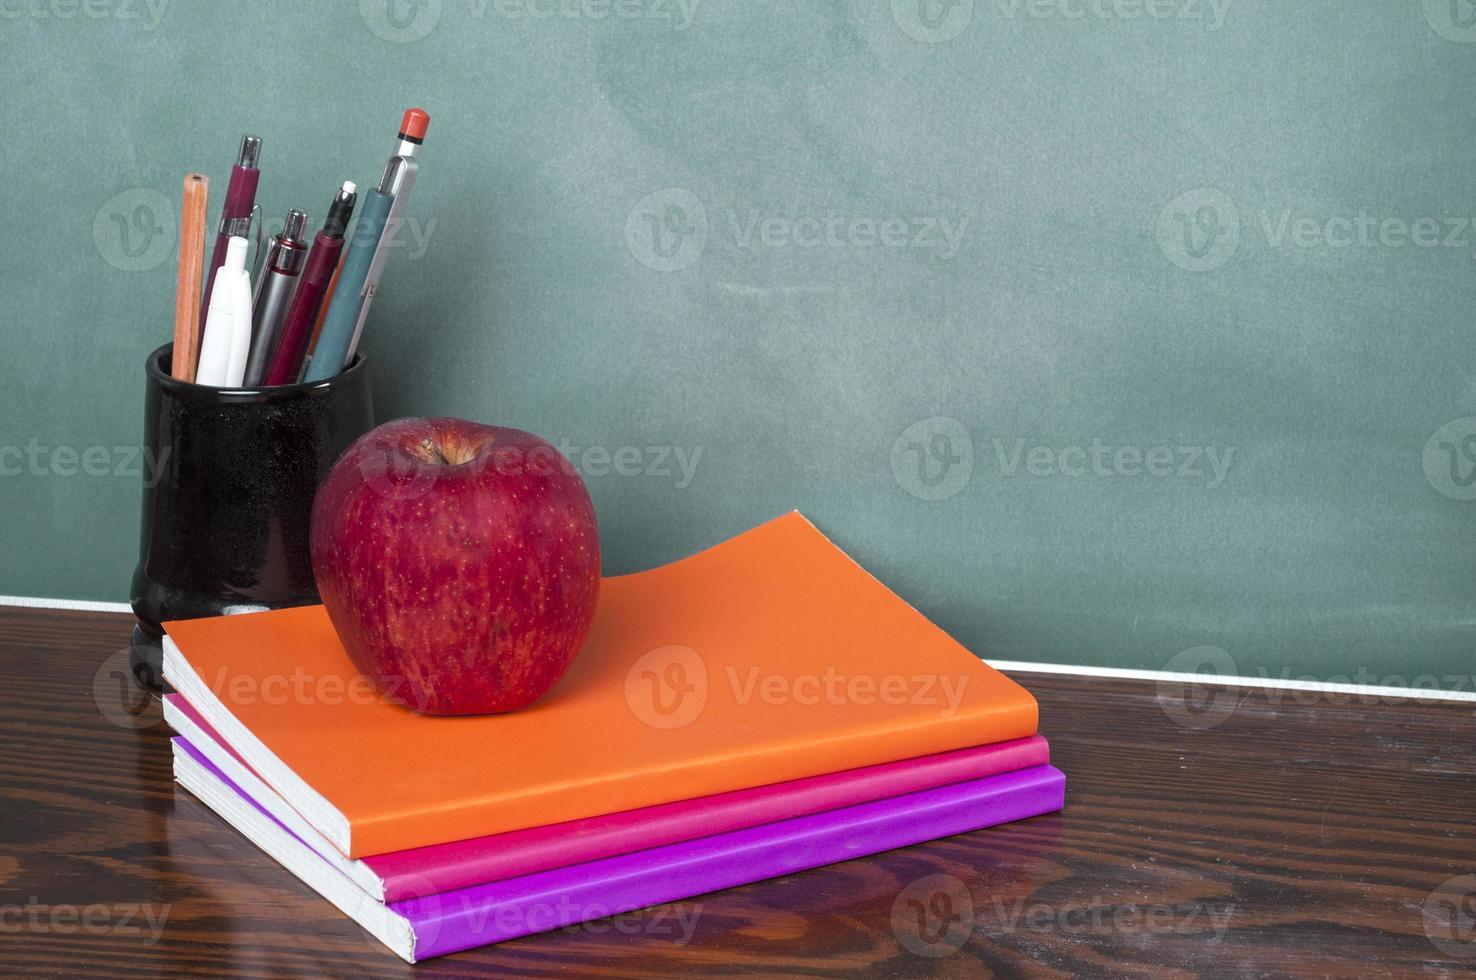 Educação foto